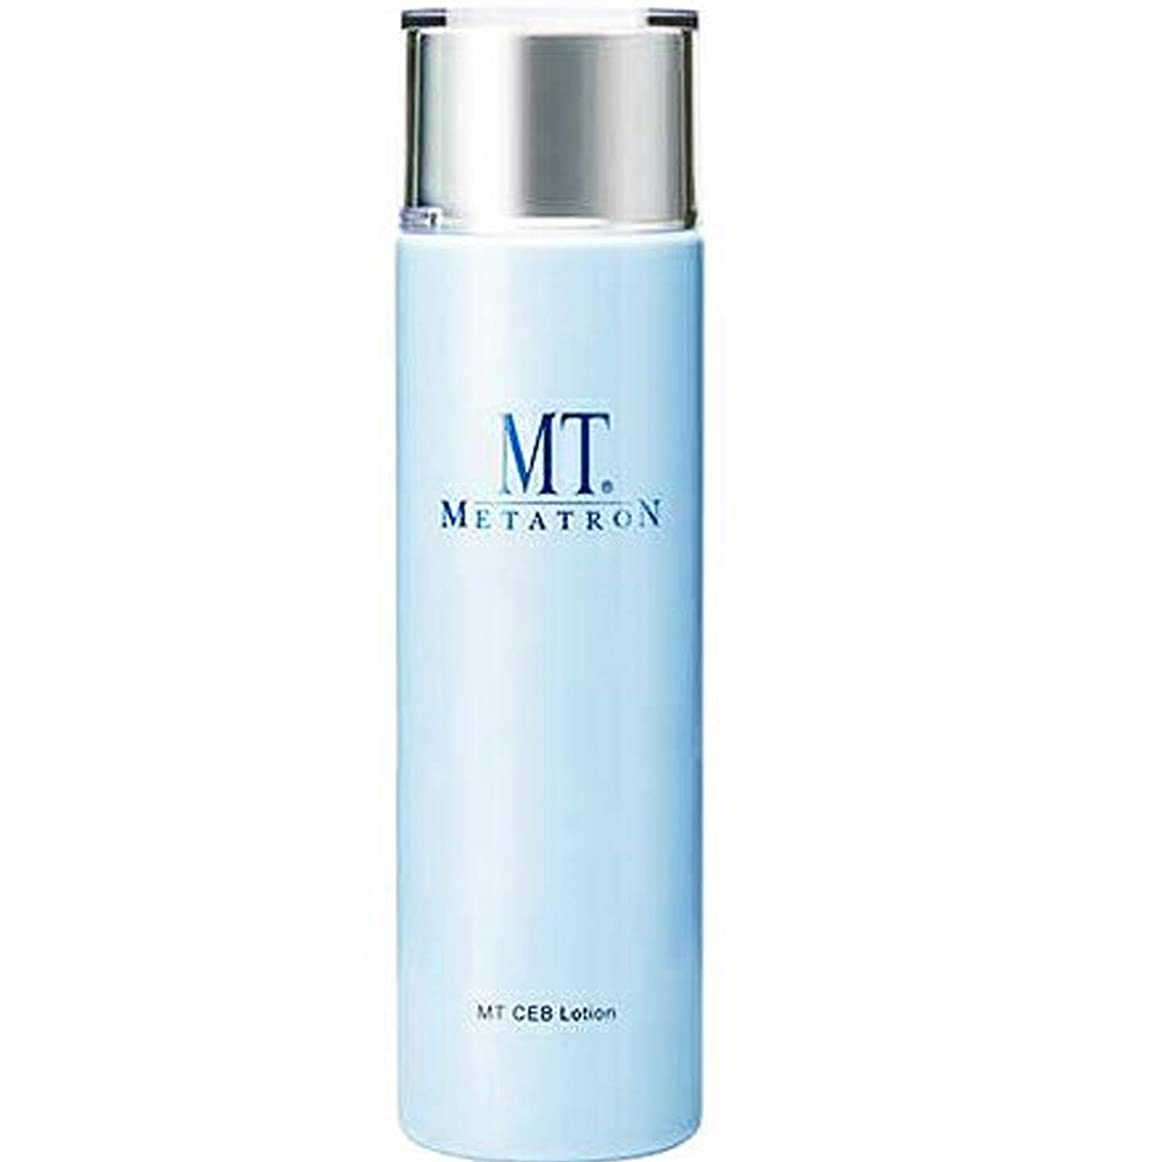 麻酔薬除外するの量MTメタトロン MT CEB ローション 150mL 化粧水